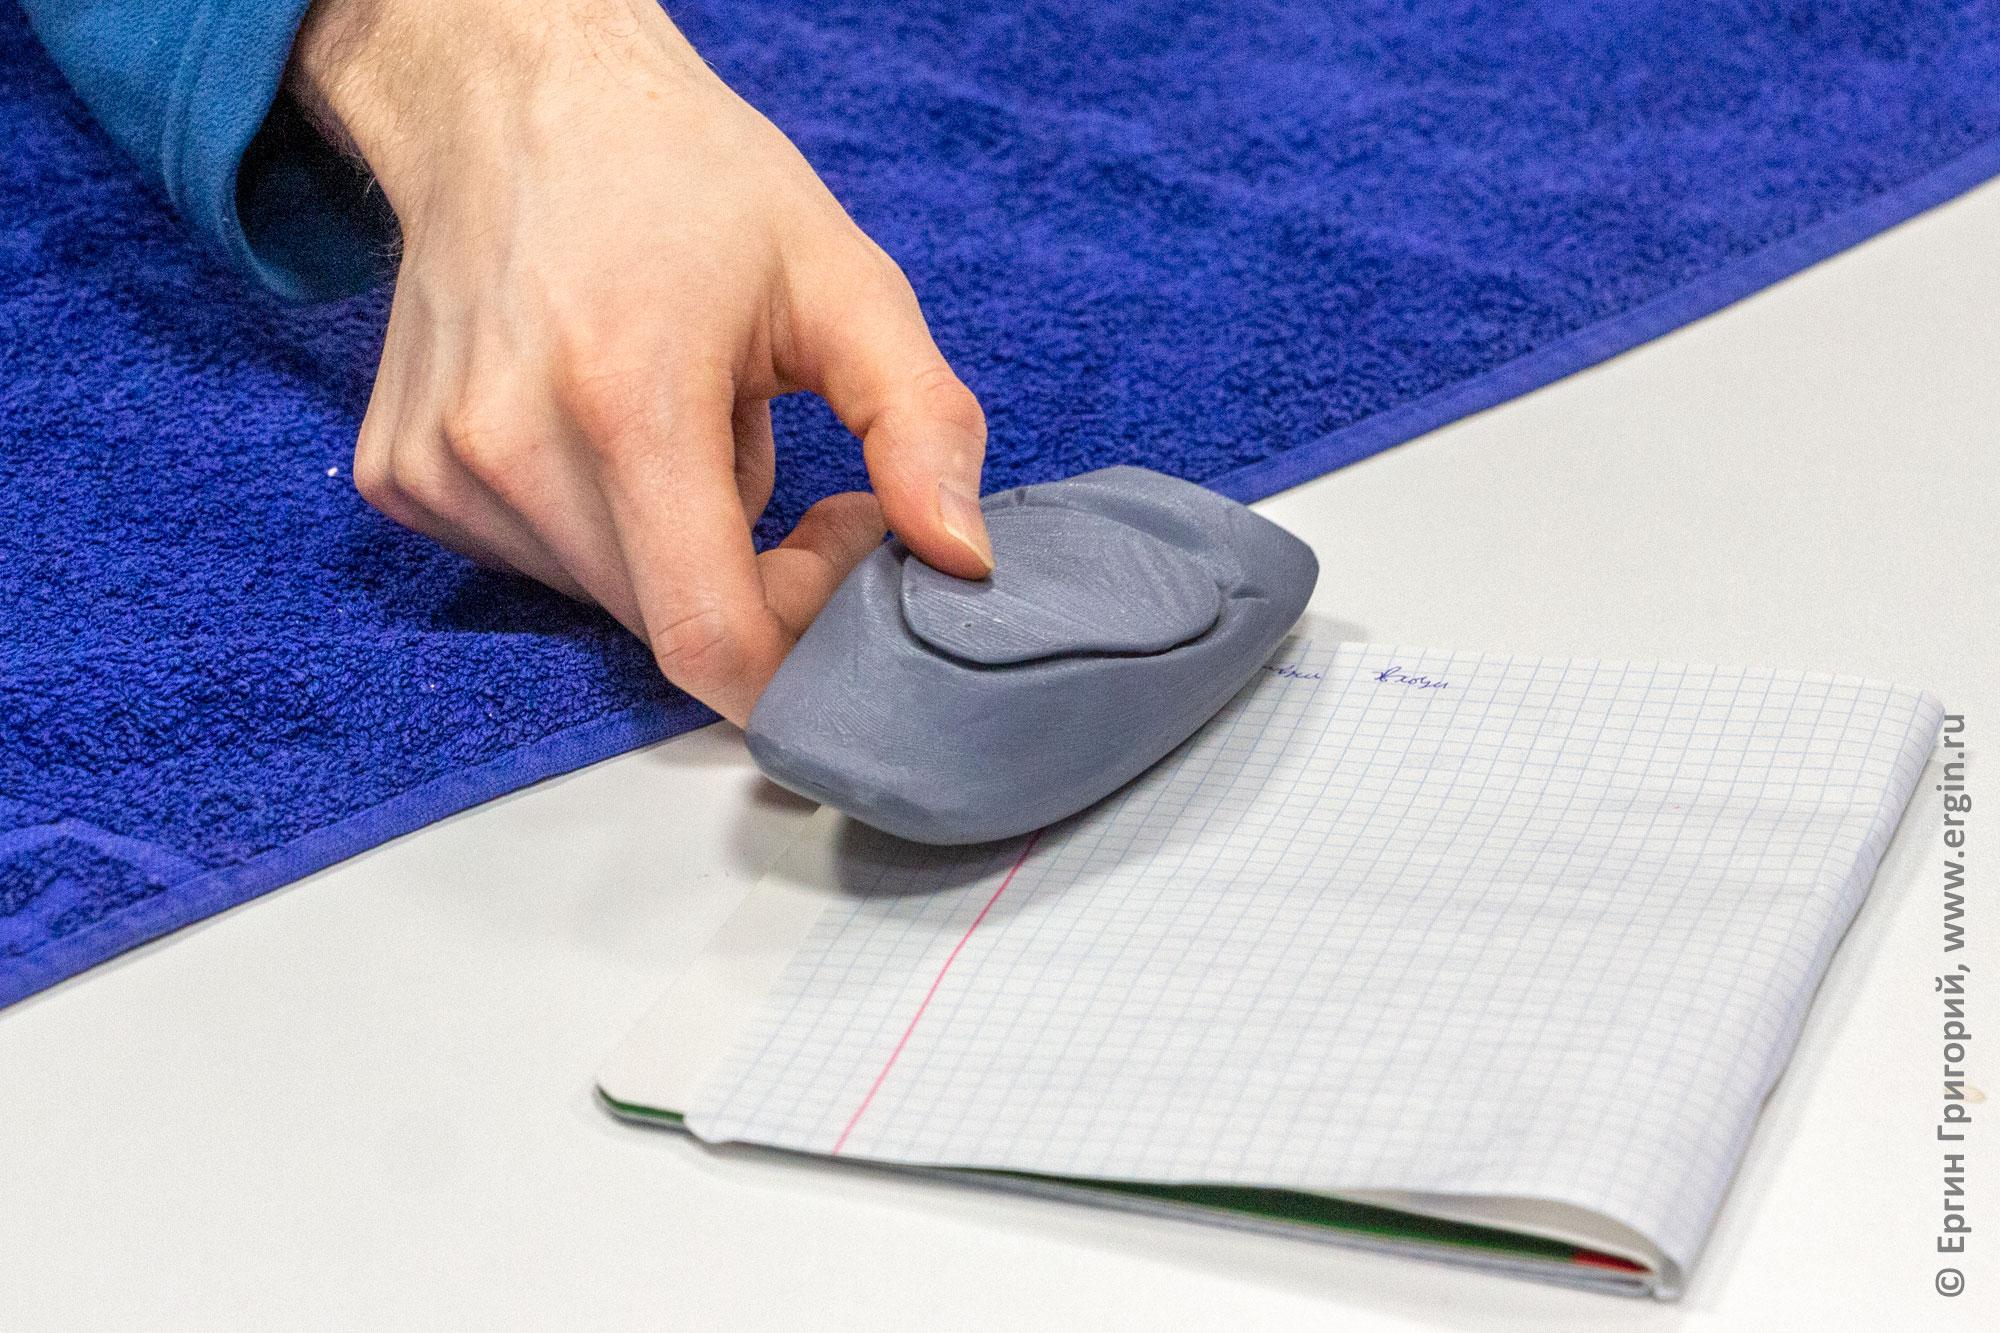 Модель каяка для выполнения упражнений на семинаре по особенностям бурной воды для каякеров